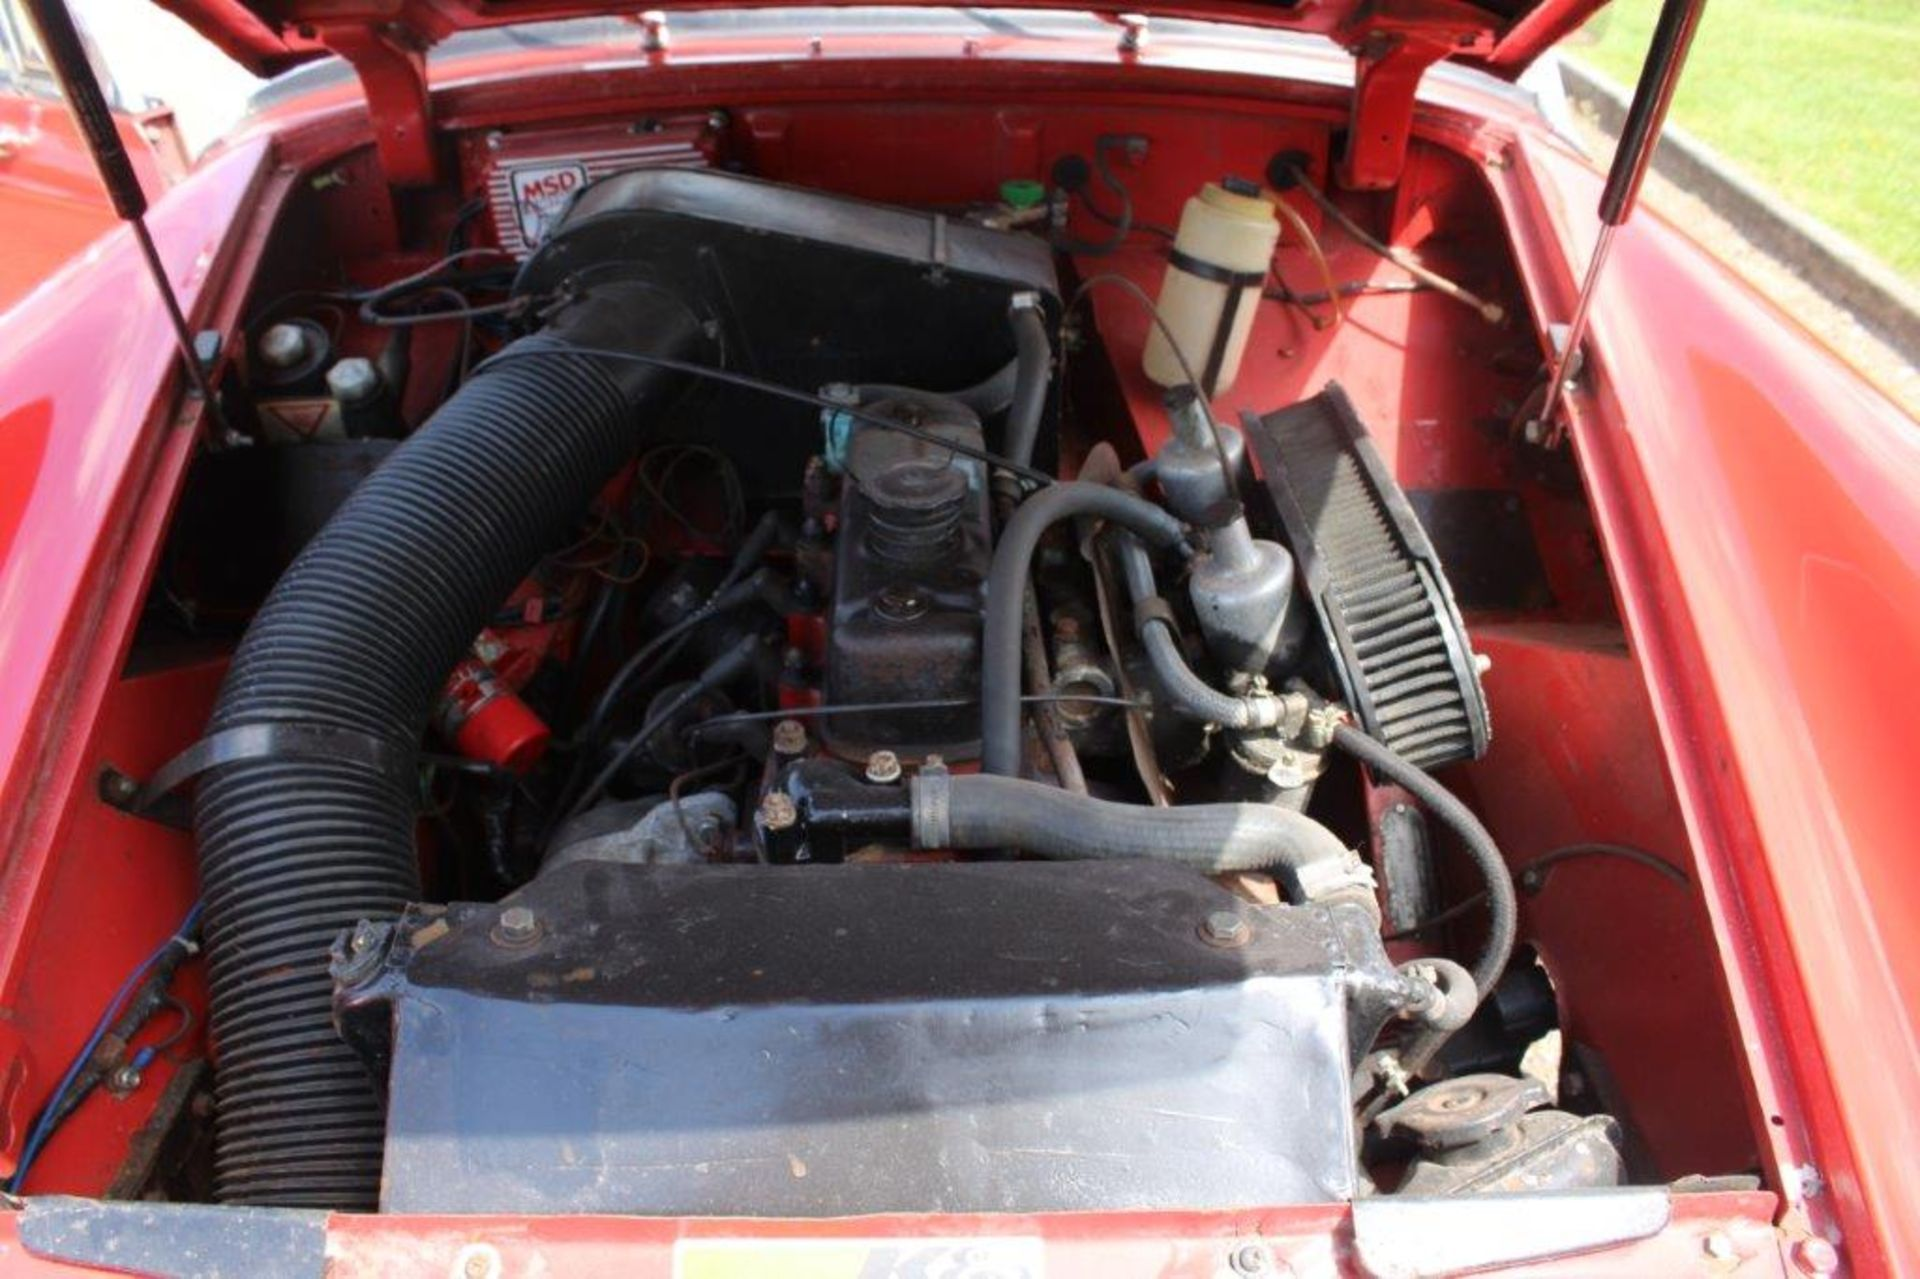 1973 MG Midget MK III - Image 16 of 25